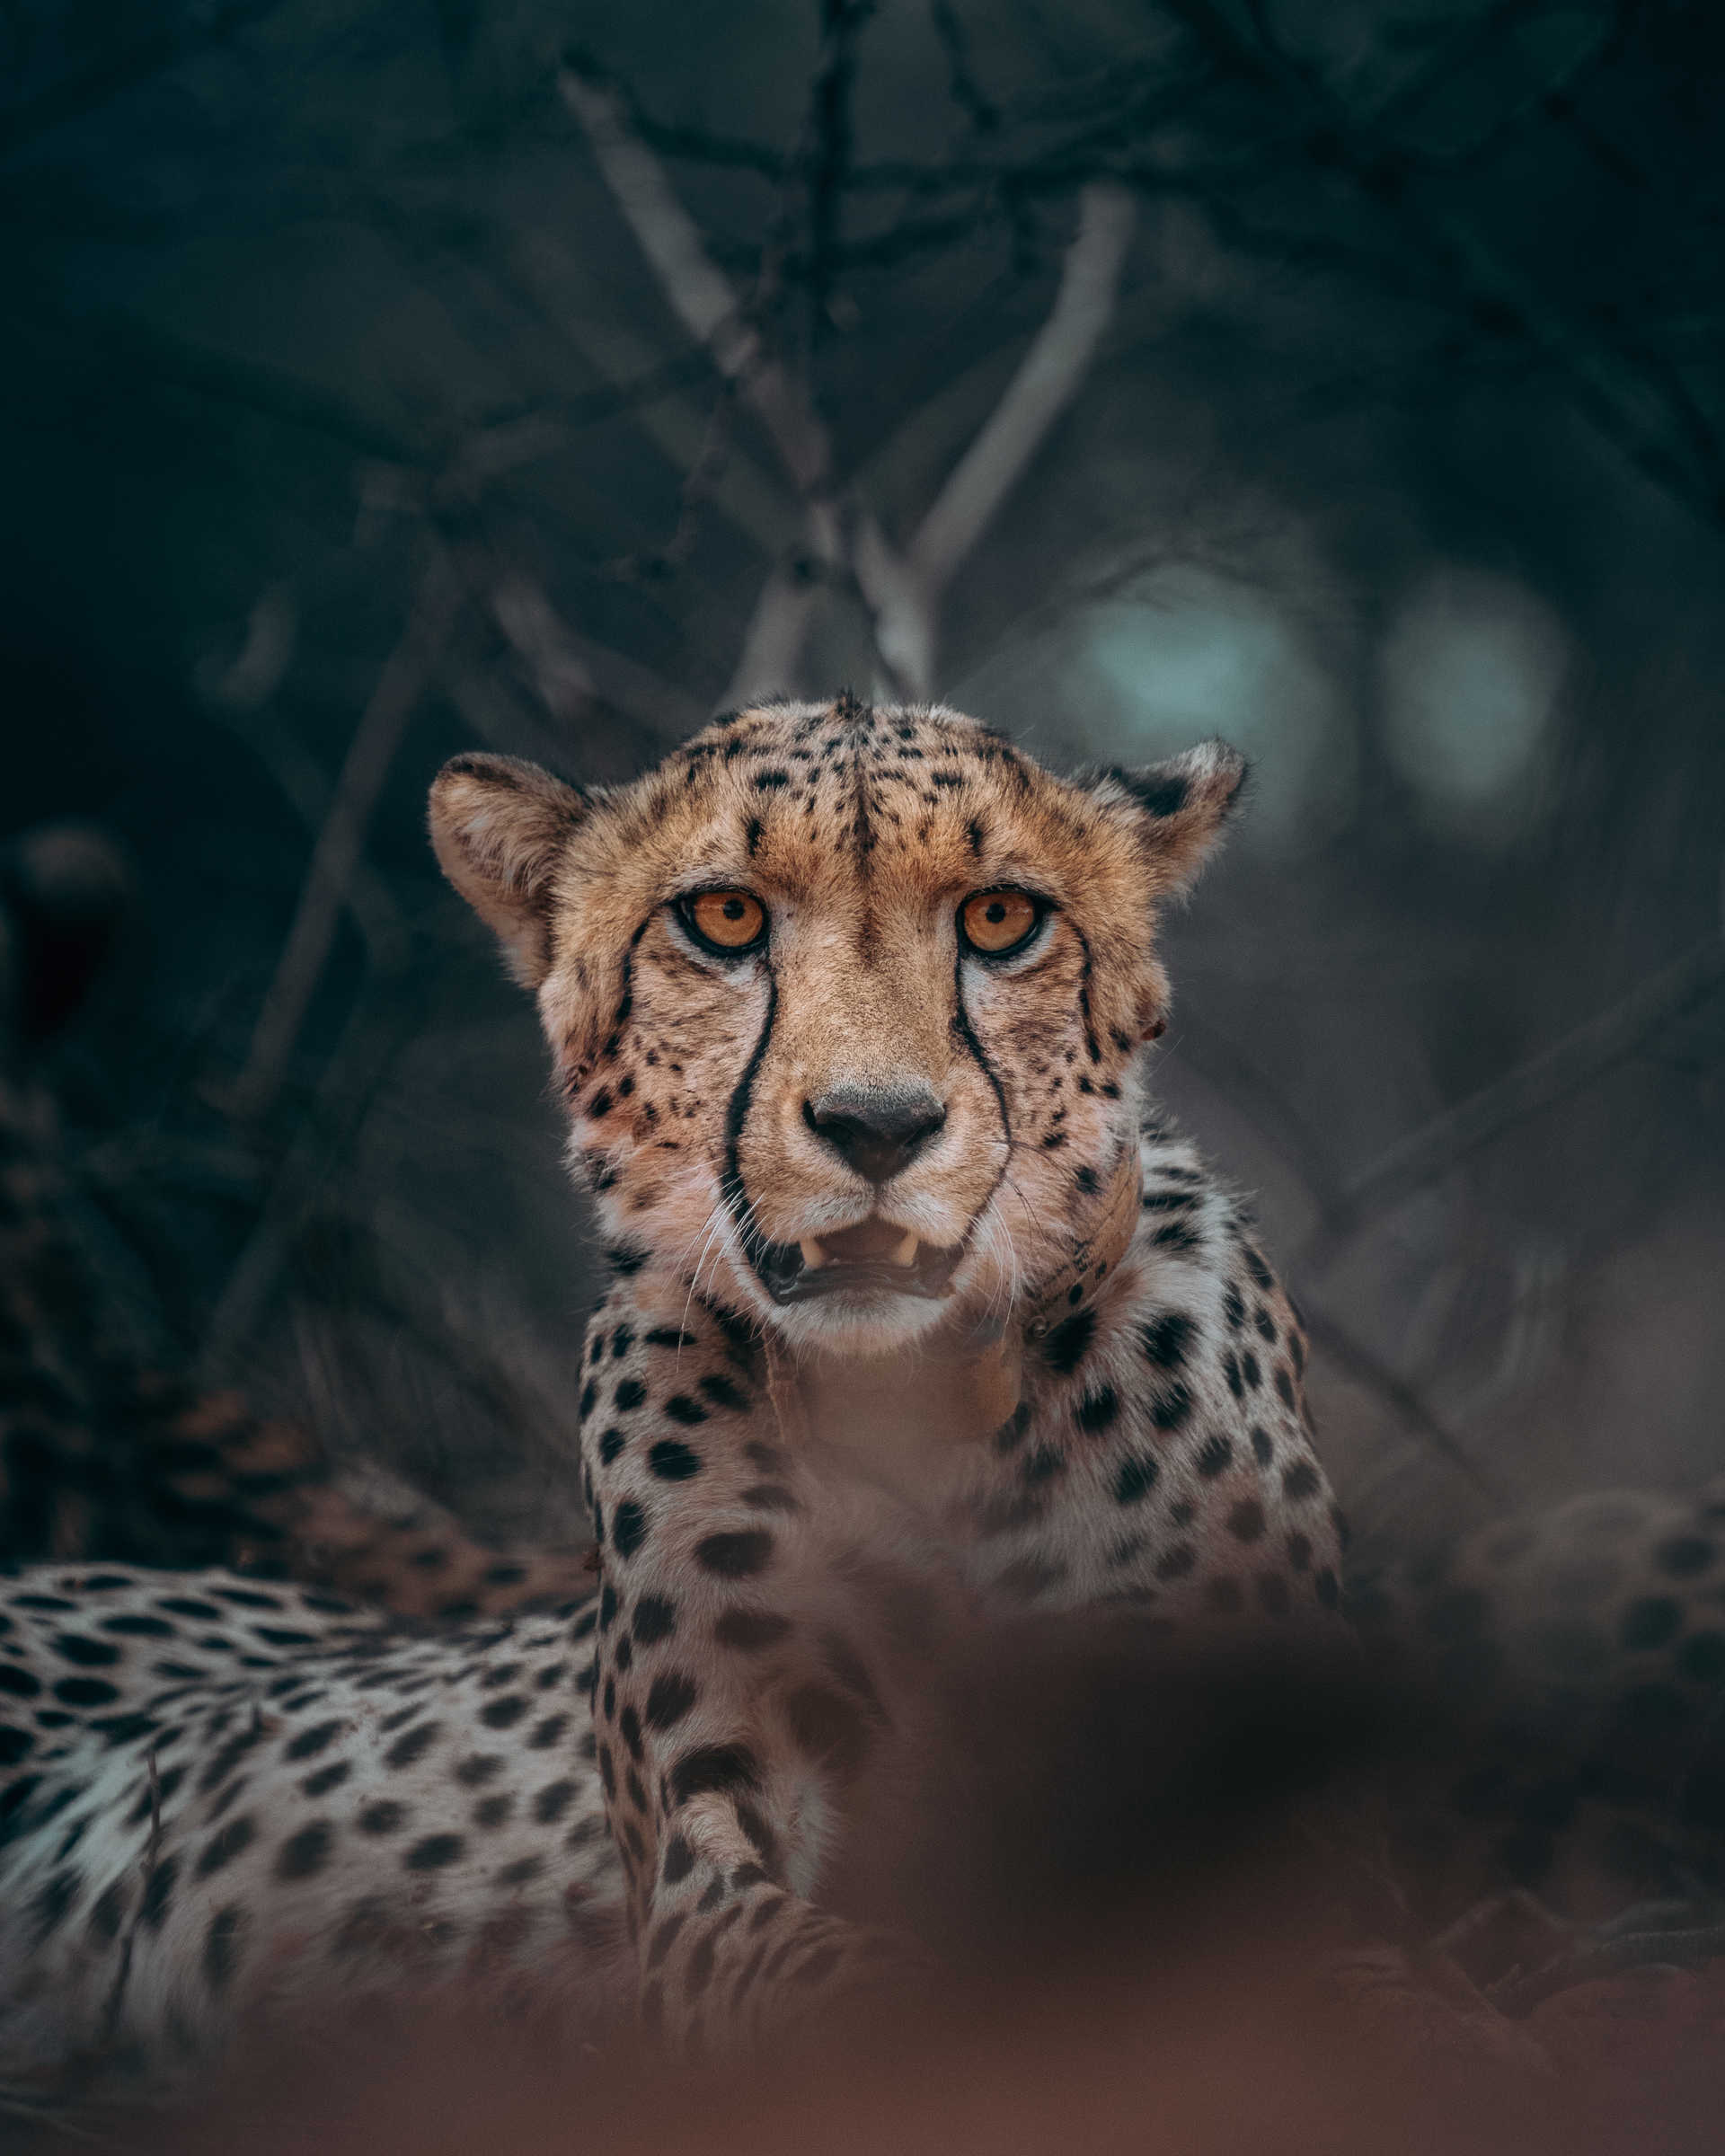 Wild cheetah in Tanzania